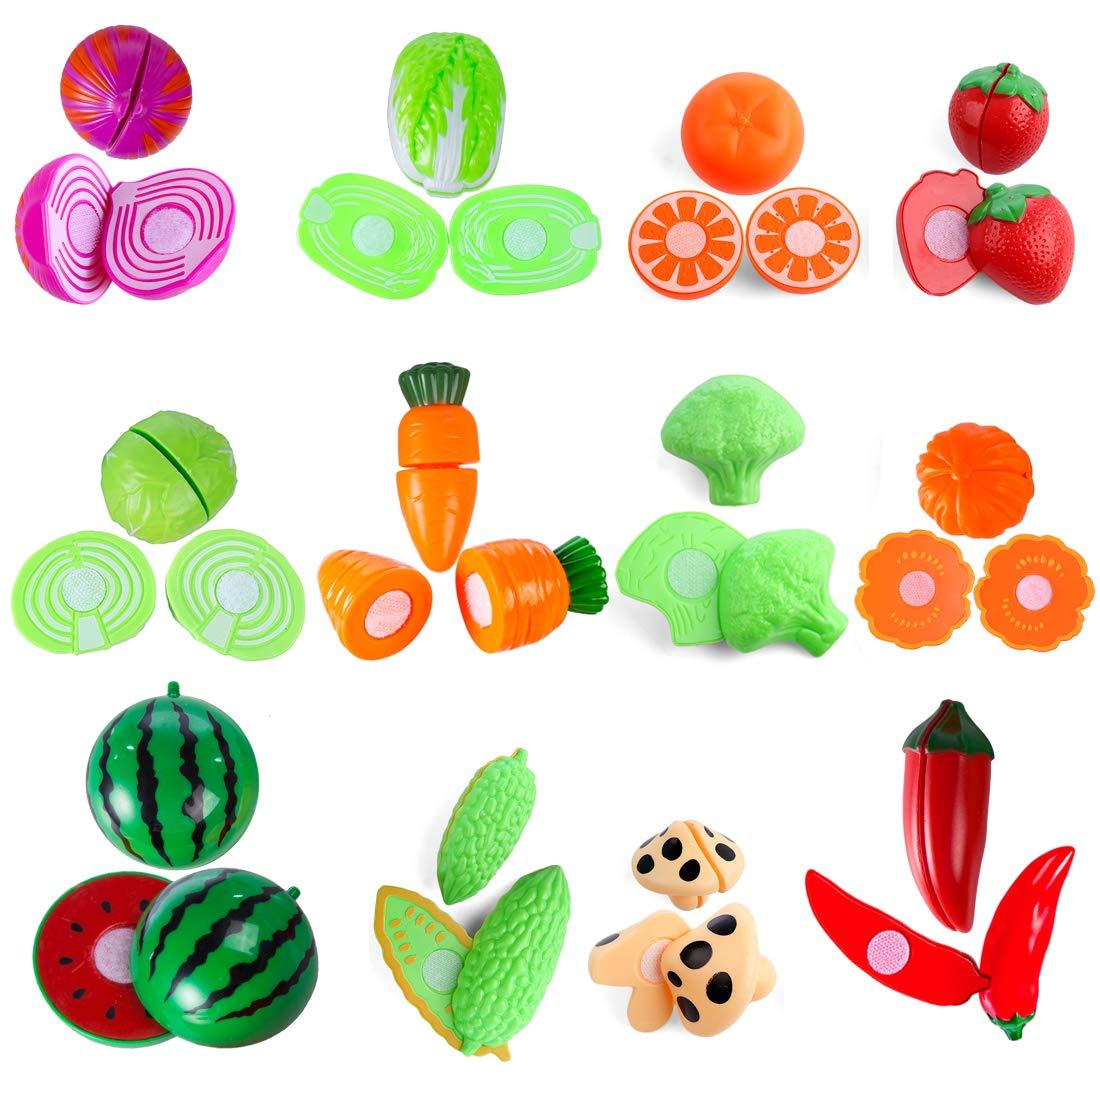 YVSoo 38 Piezas Juguetes de Frutas y Verduras Juego de Cocina Juegos de Aprendizaje y Coordinaci/ón Azul